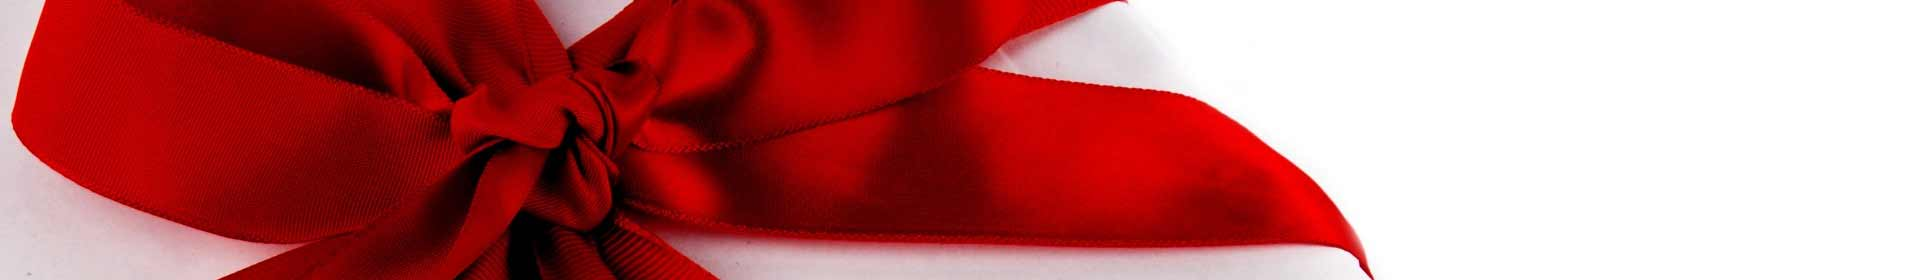 Weihnachtsgeschenke An Mitarbeiter Steuerfrei.Weihnachtsgeschenke Steuerfrei Bzw Möglichst Abgabengünstig Für Den